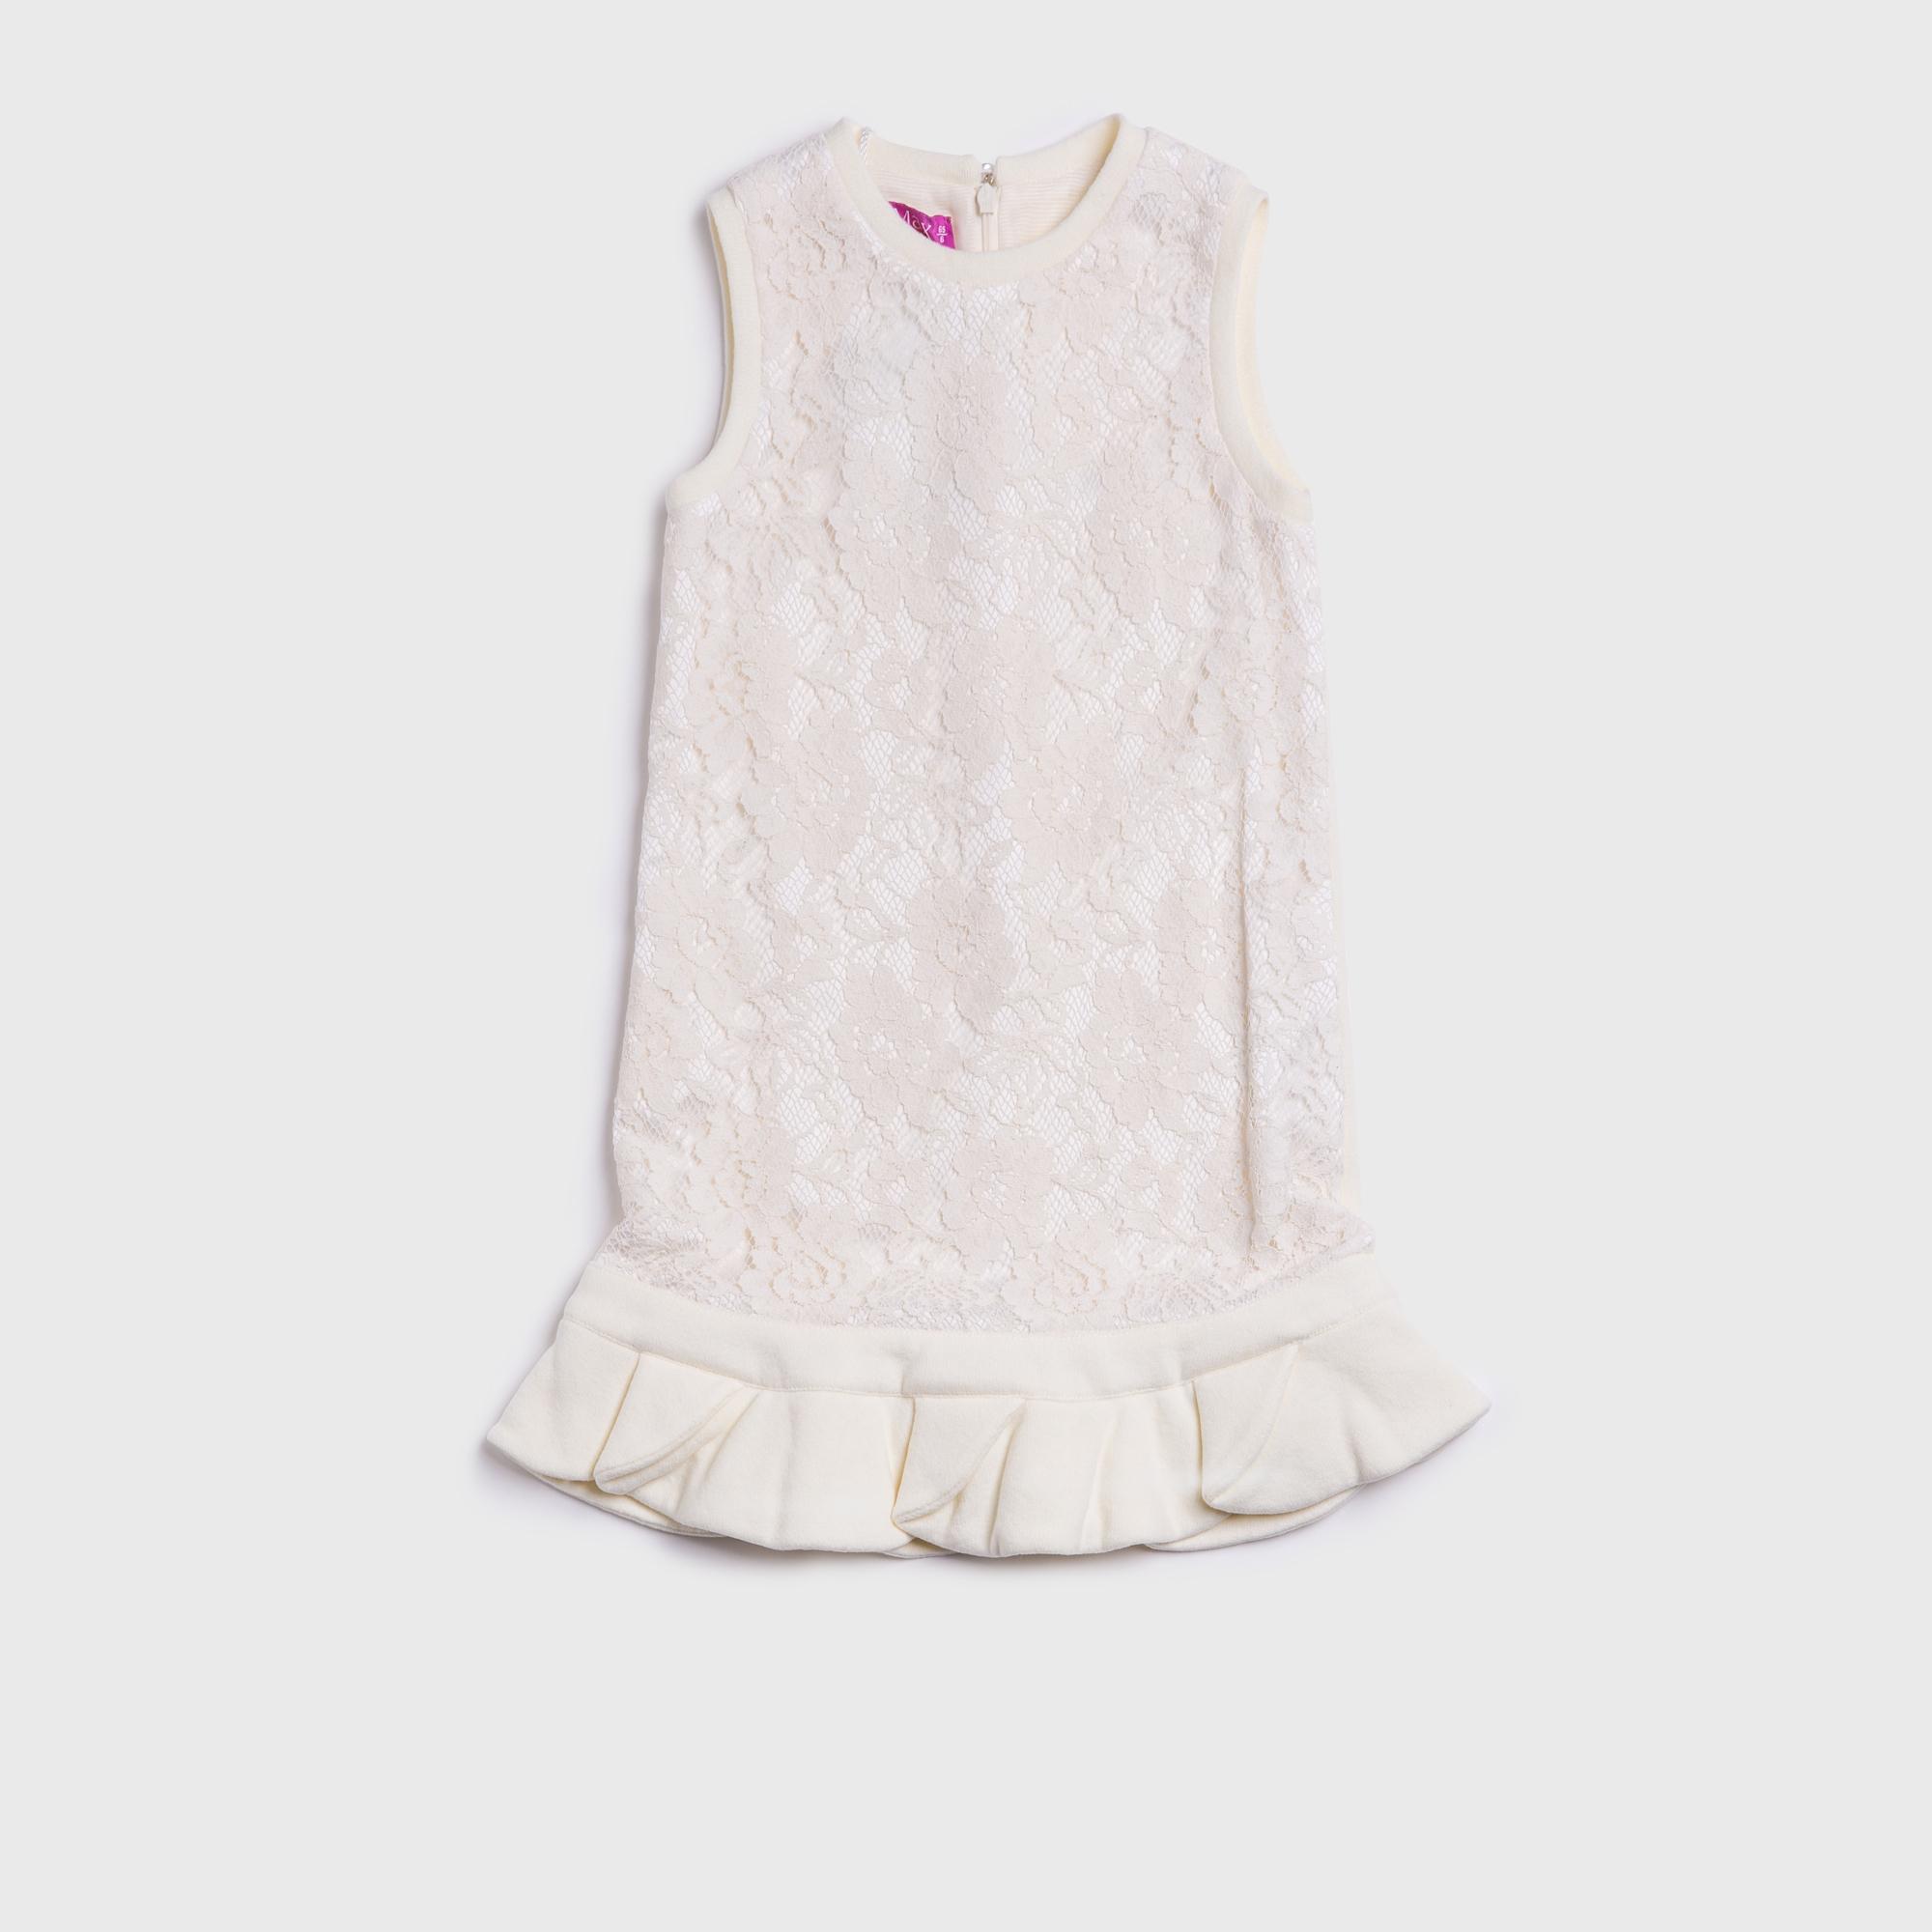 意大利原产 ValMax 雅典风格 羊毛绒绣花无袖淑女裙 乳白色 S-4岁